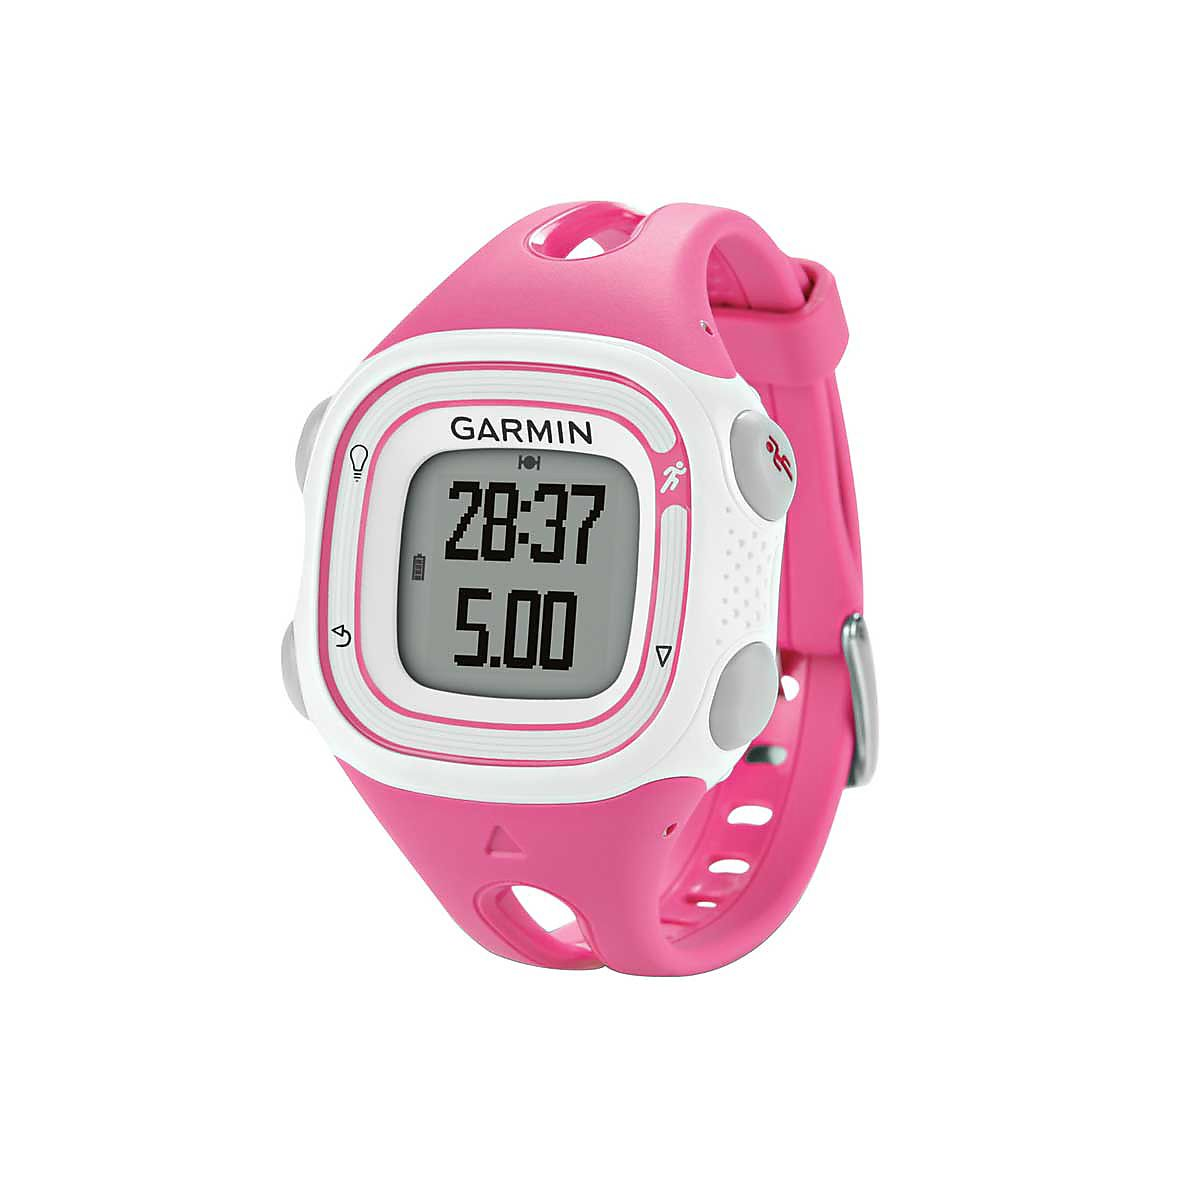 Garmin Forerunner 10 GPS Sports Watch Gps running watch